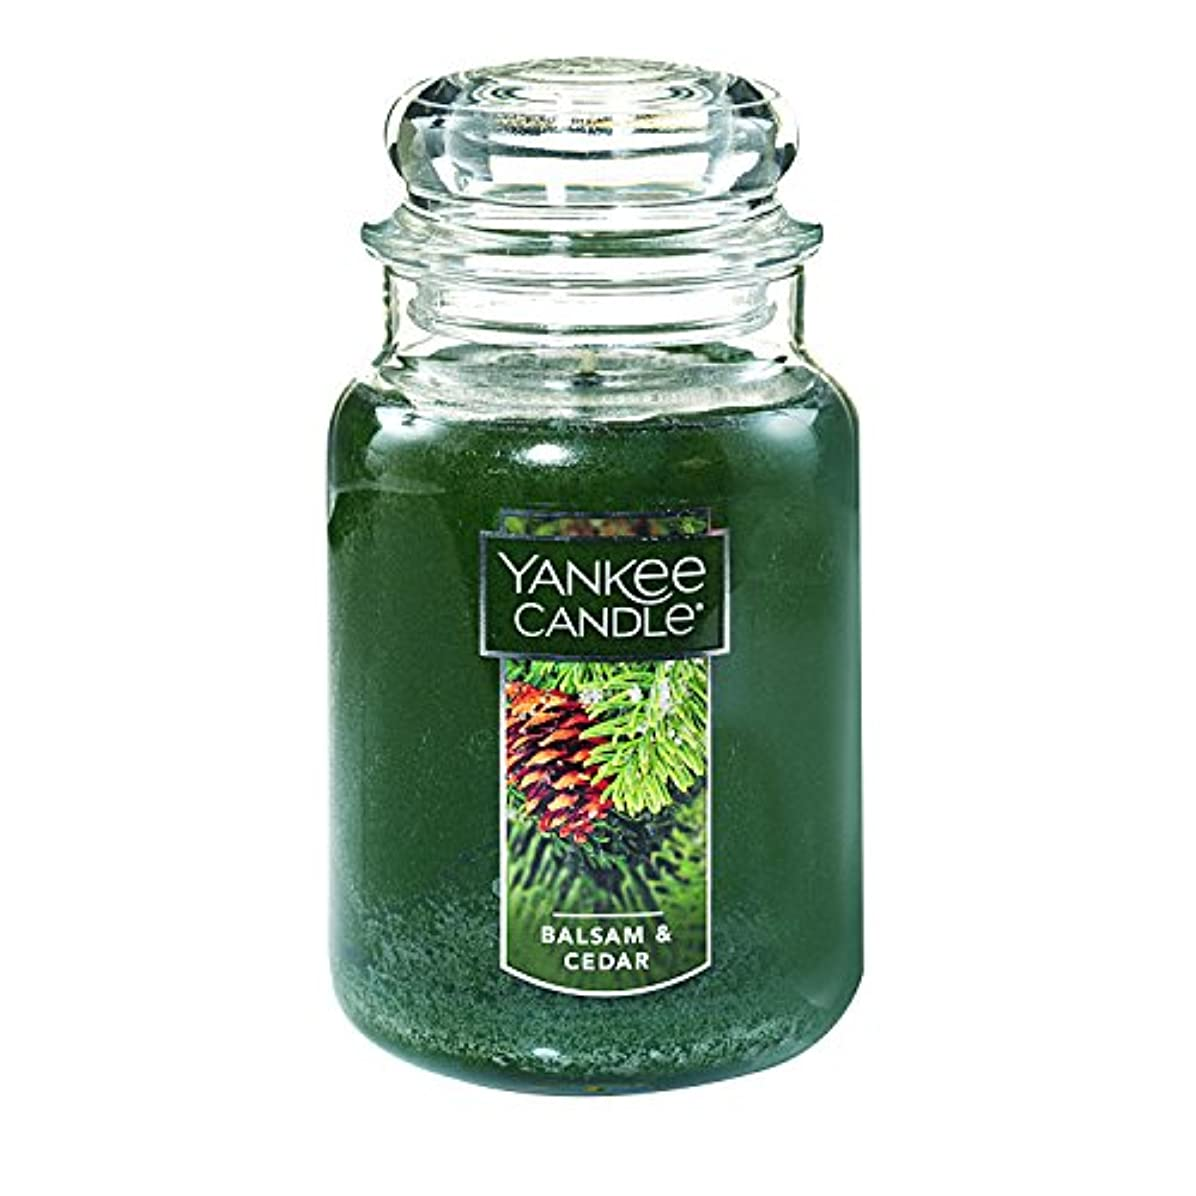 衝撃製造業使い込む(ヤンキーキャンドル) Yankee Candle ラージ 22オンス ジャーキャンドル バルサム&シダー Large Jar Candle グリーン 1062314